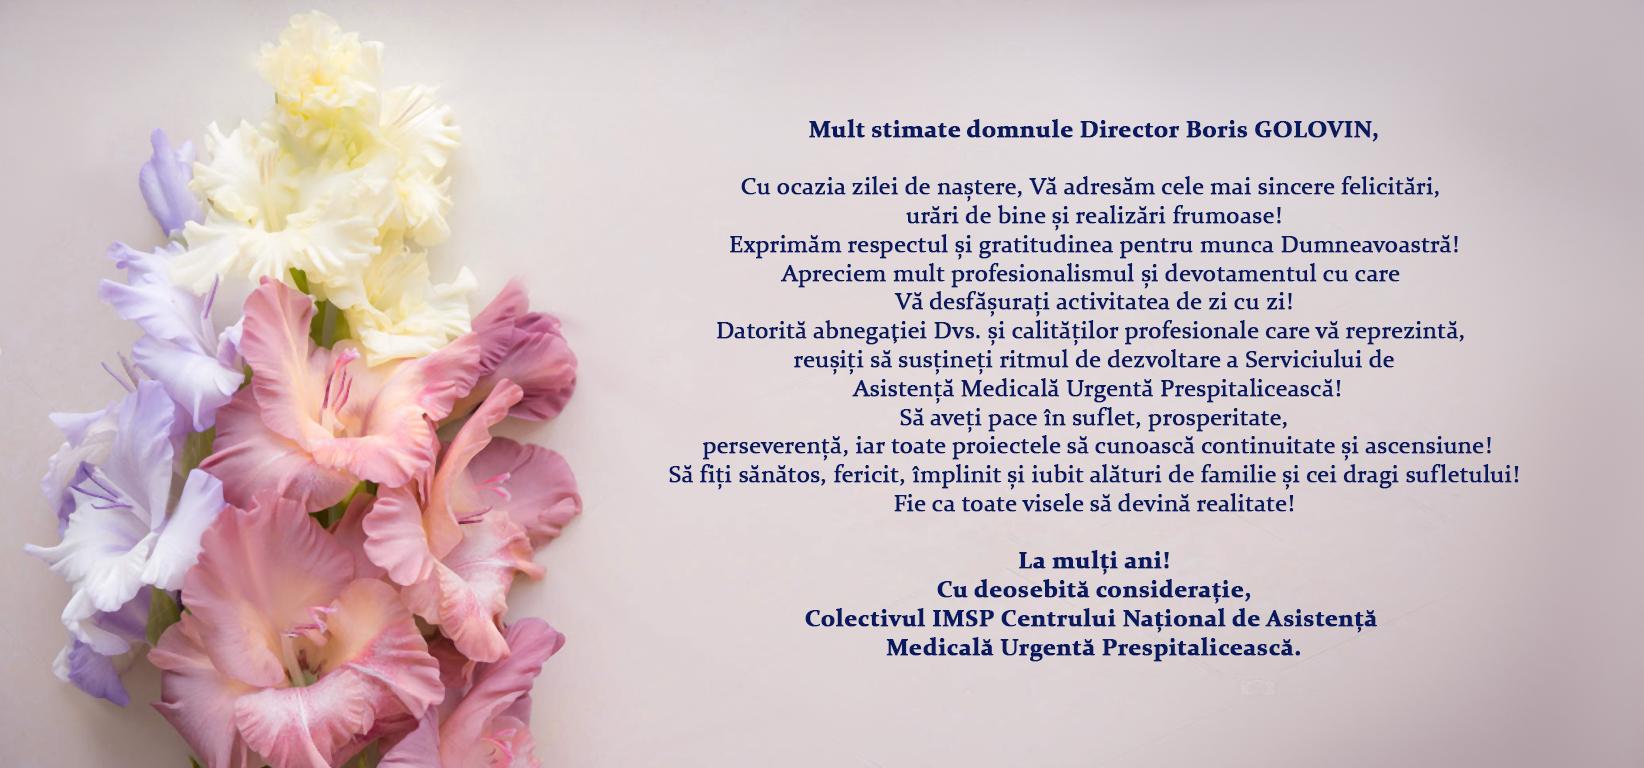 Mult stimate domnule Director Boris GOLOVIN, Cu ocazia zilei de naștere, Vă adresăm cele mai sincere felicitări, urări de bine și realizări frumoase!